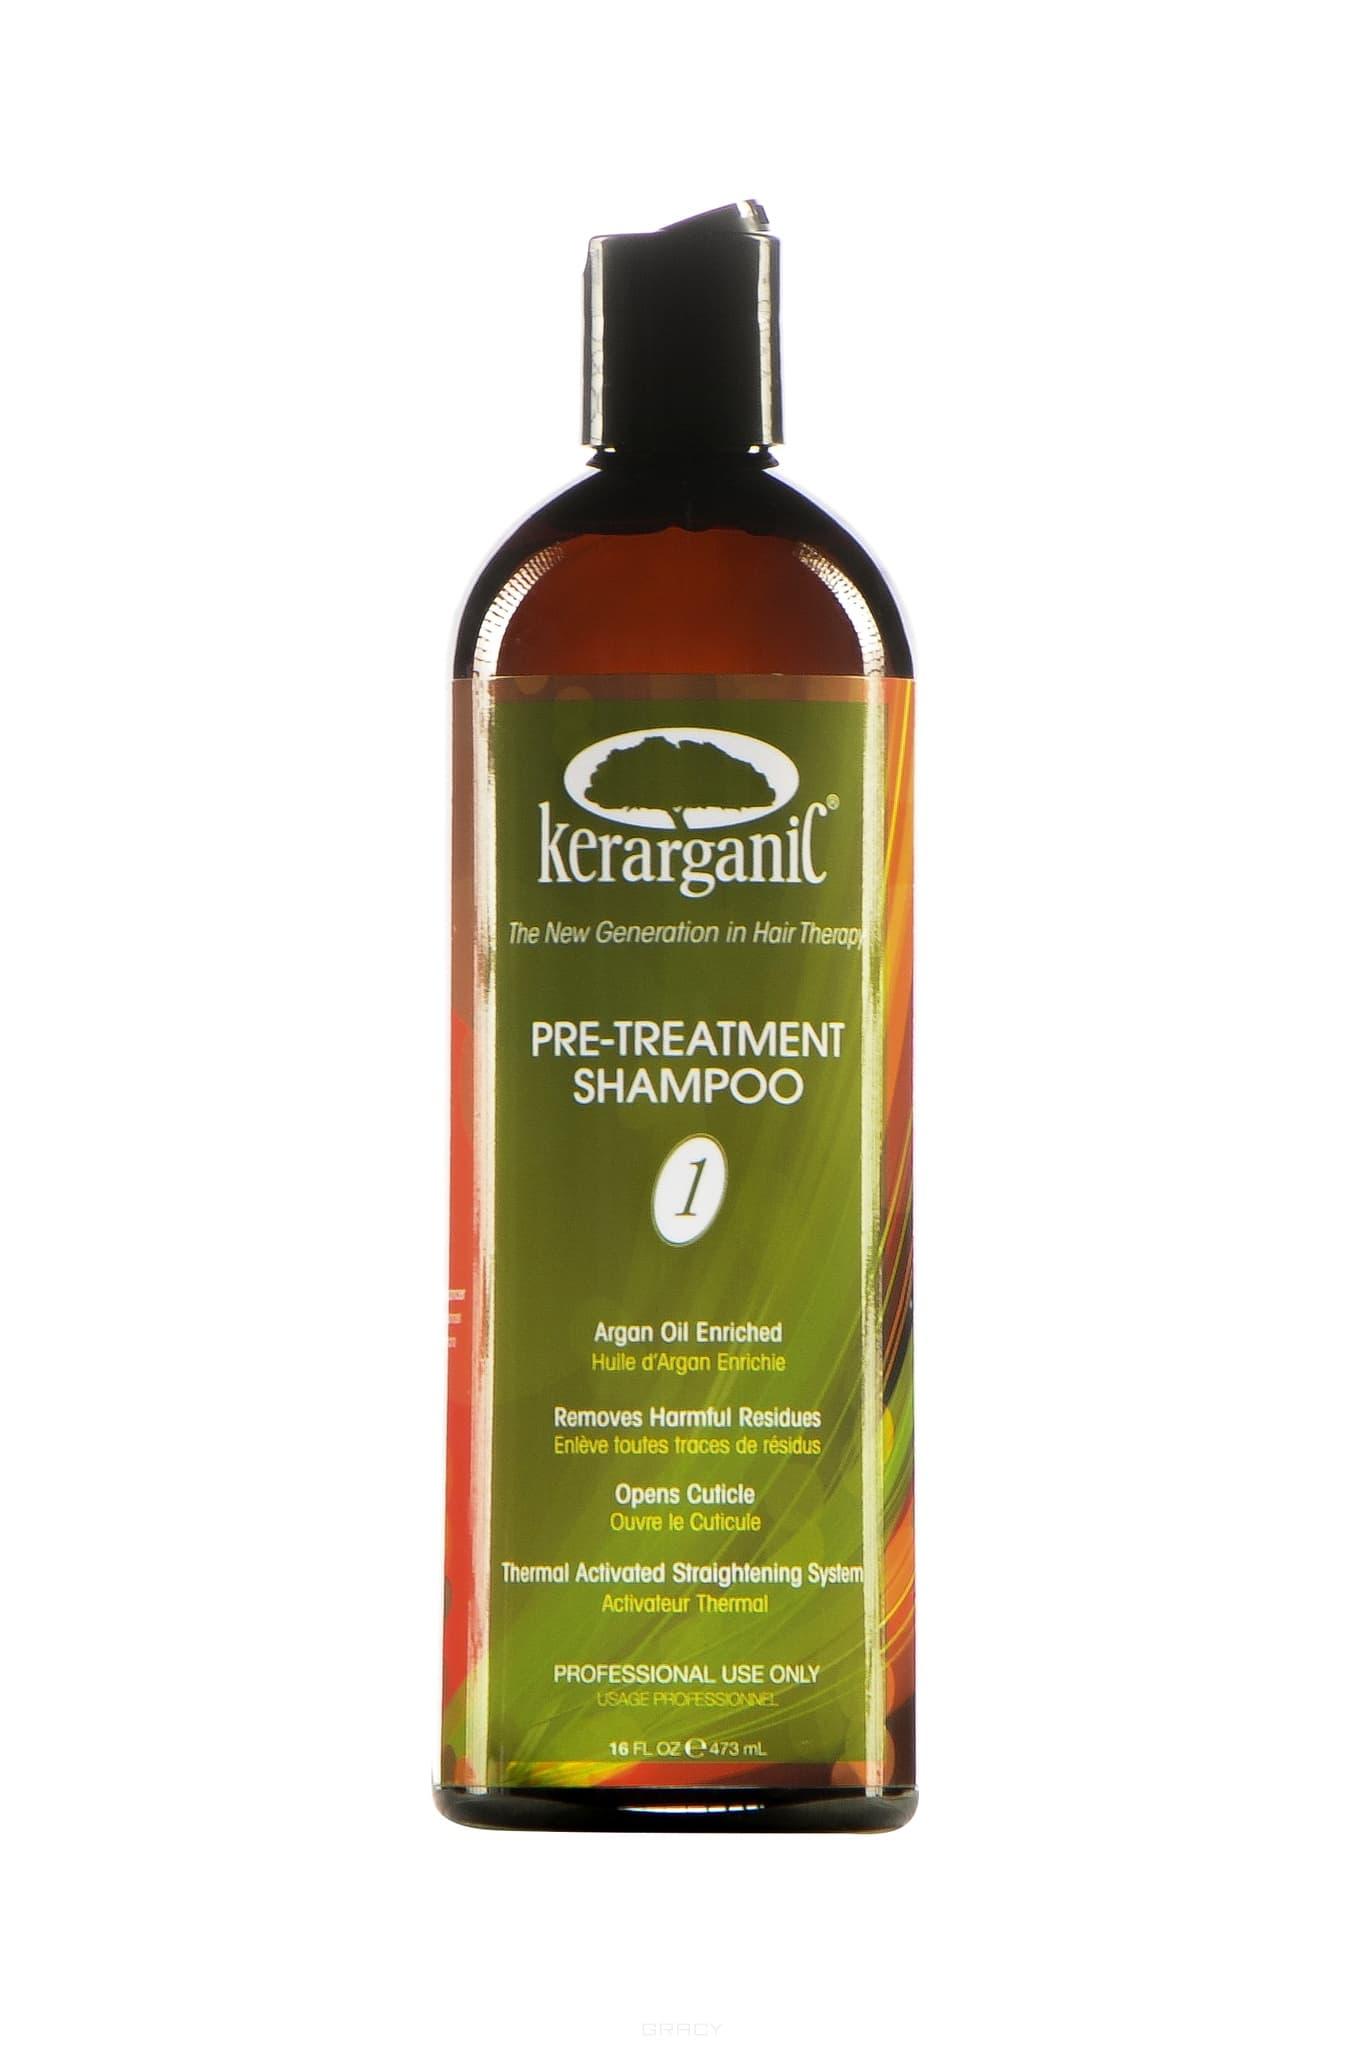 Kerarganic, Очищащий шампунь перед процедурой Pre-Treatment Shampoo , 473 млUltra - кератиновое выпрмление Ультра-ффективное<br><br>